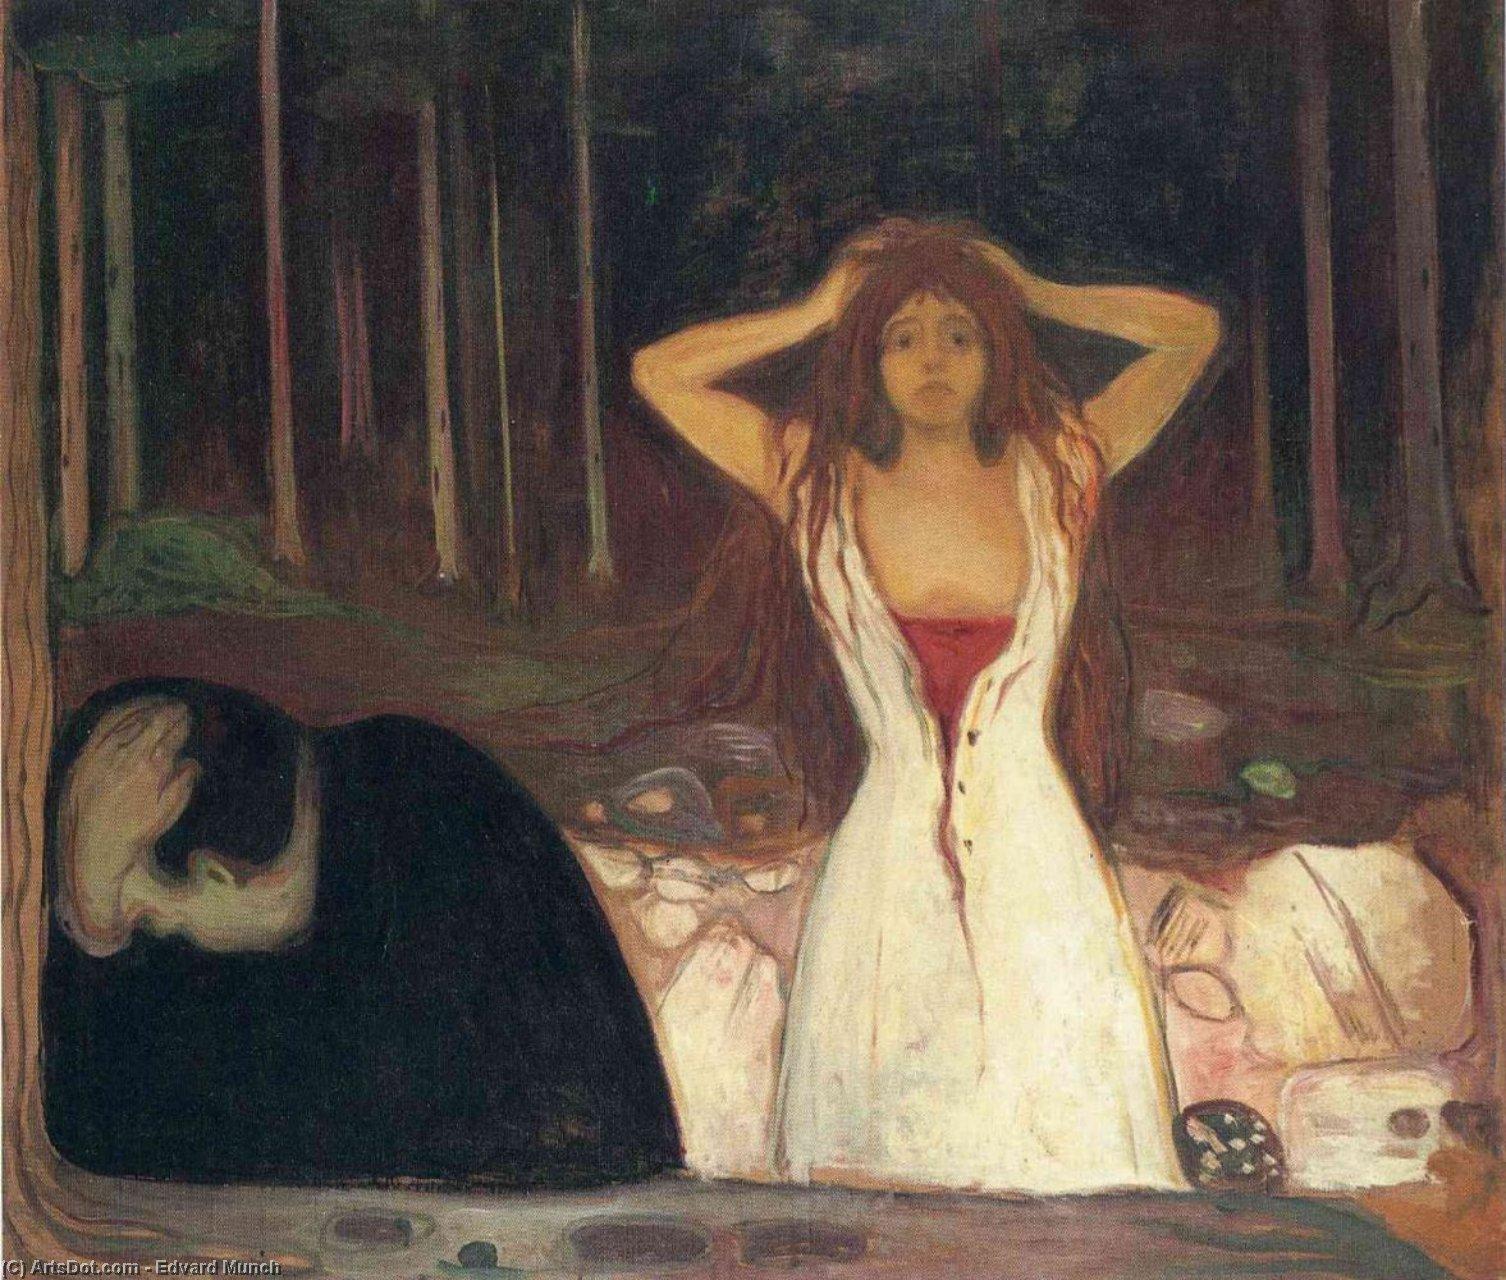 WikiOO.org - Enciclopedia of Fine Arts - Pictura, lucrări de artă Edvard Munch - untitled (4776)